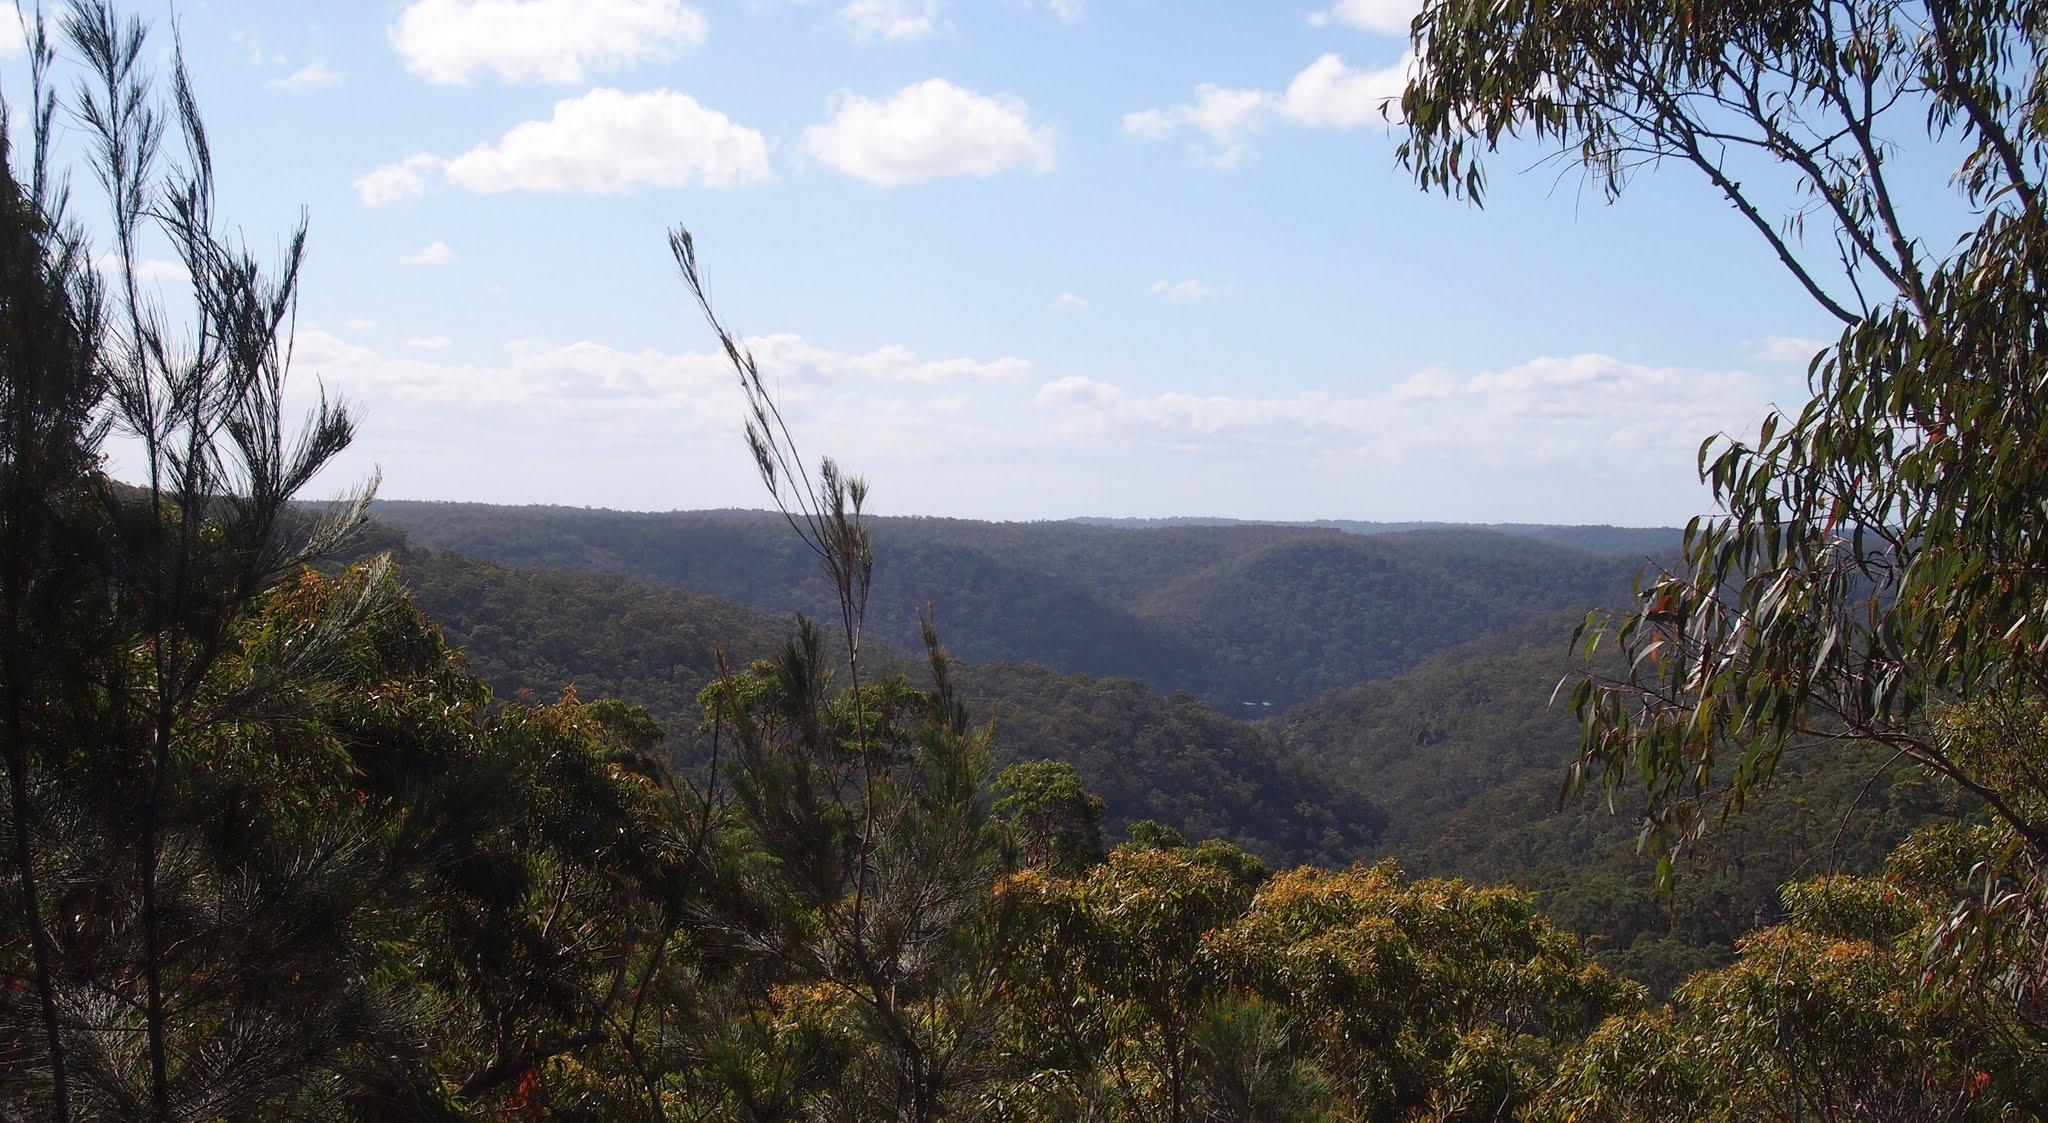 Images - Muogamarra nature reserve